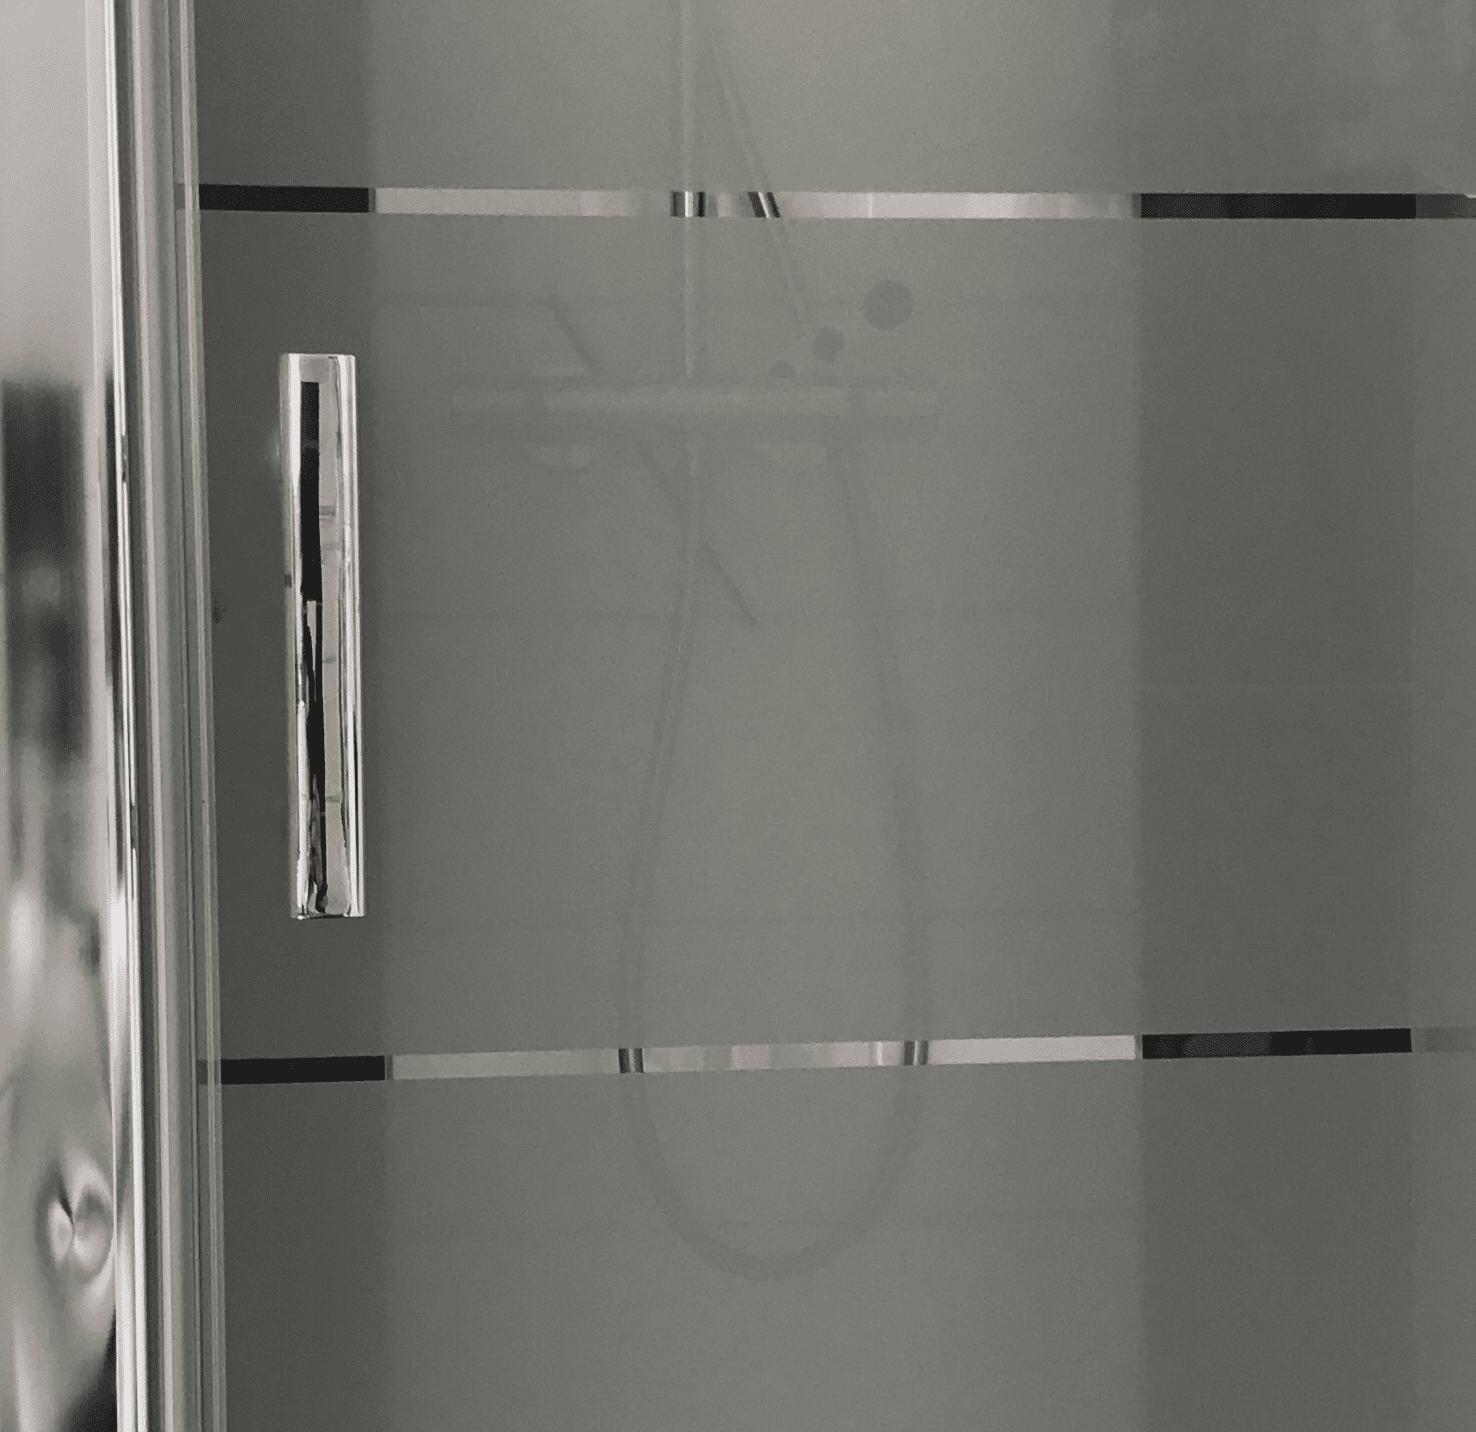 Full Size of Glastür Dusche Besondere Hinweise Fr Satinierte Glasflchen Auf Duschtren Begehbare Fliesen Hsk Duschen Unterputz Ebenerdig Schulte Mischbatterie Glaswand Wand Dusche Glastür Dusche